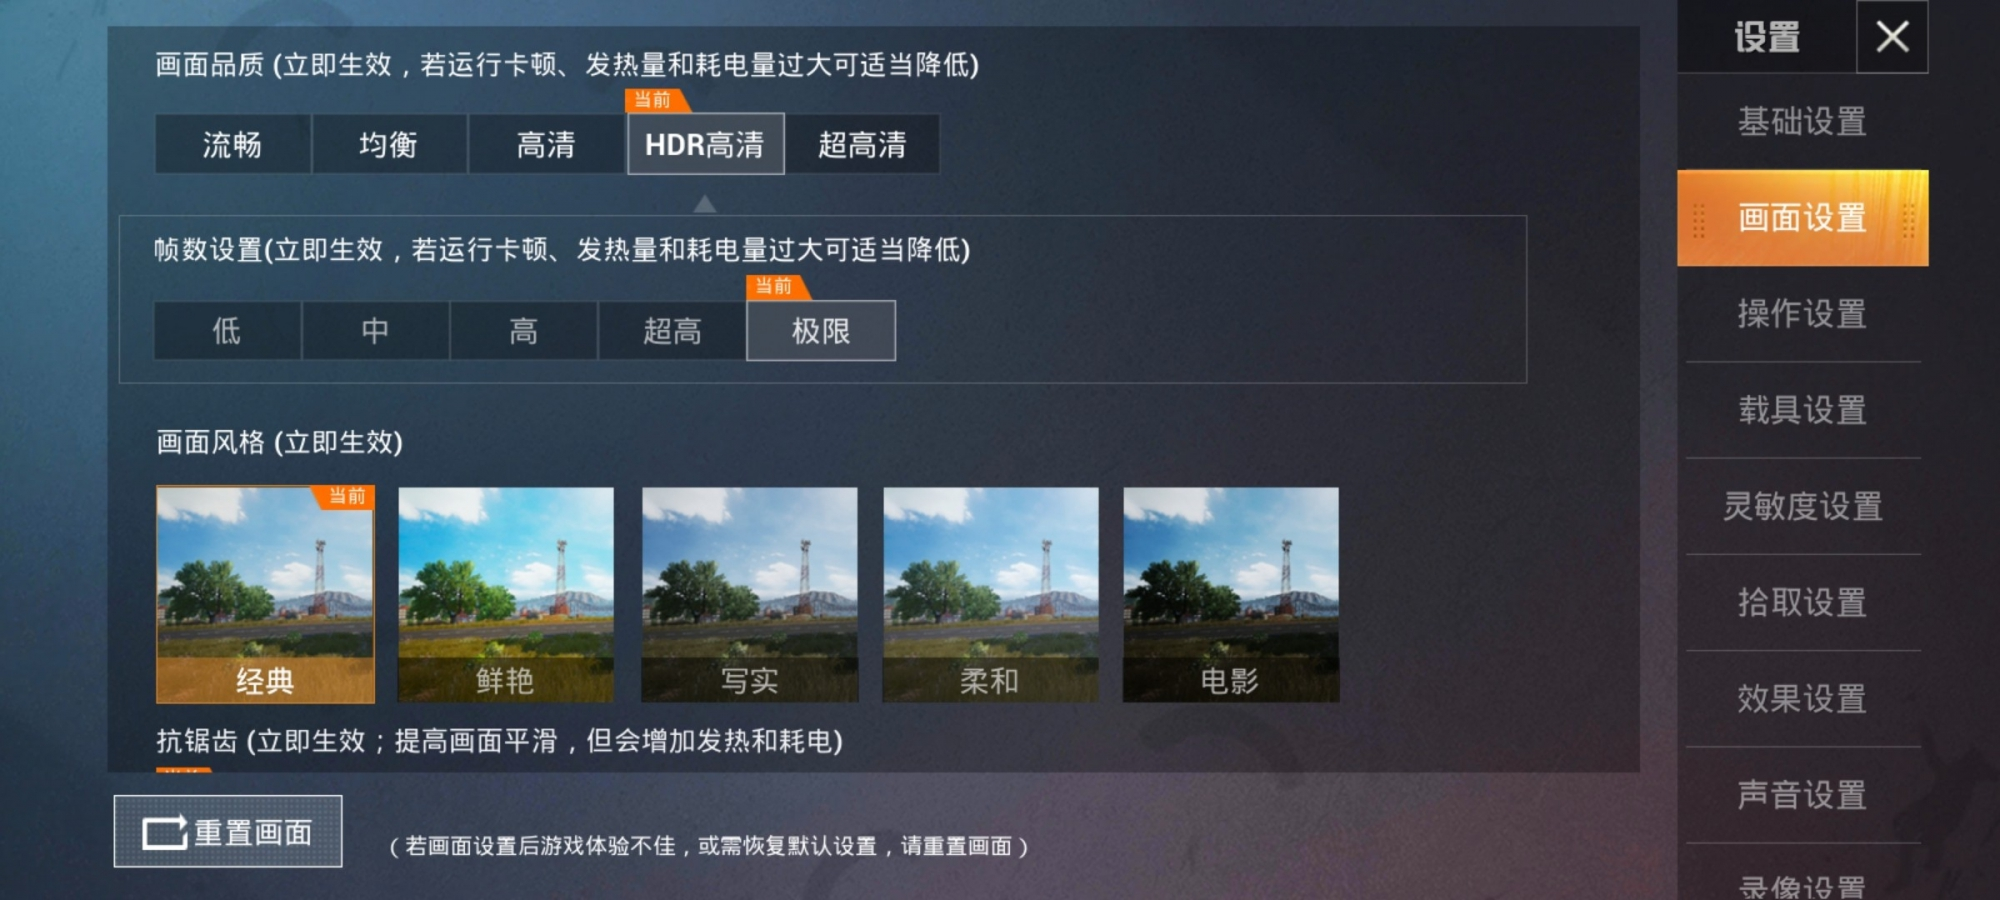 Screenshot_20200114_013005_com.tencent.tmgp.pubgmhd.jpg